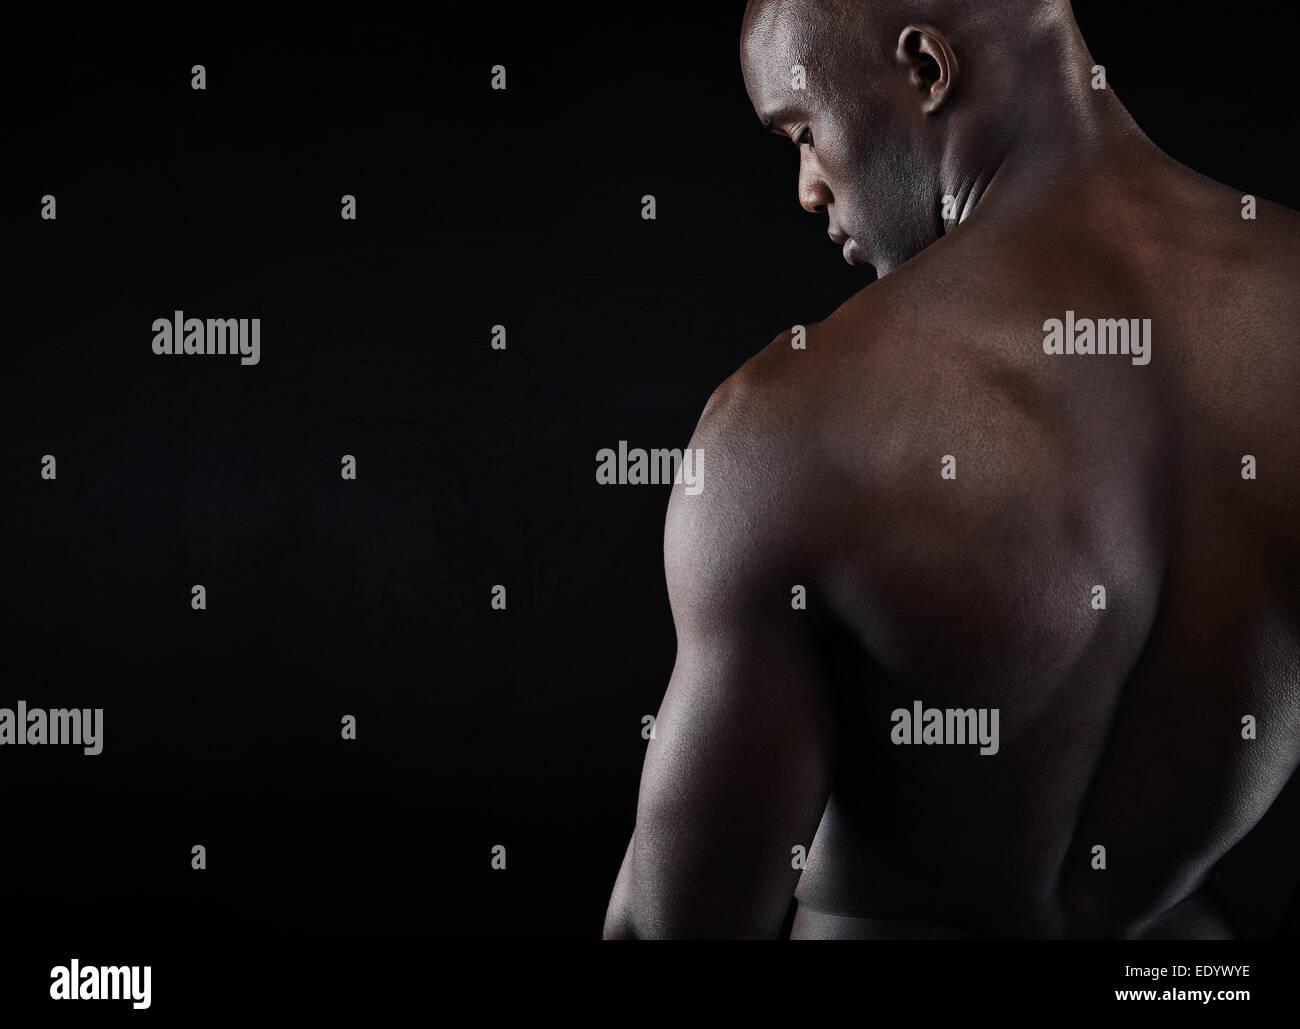 Vue arrière du jeune homme à la construction musculaire debout sur fond noir. Shirtless africaine modèle Photo Stock